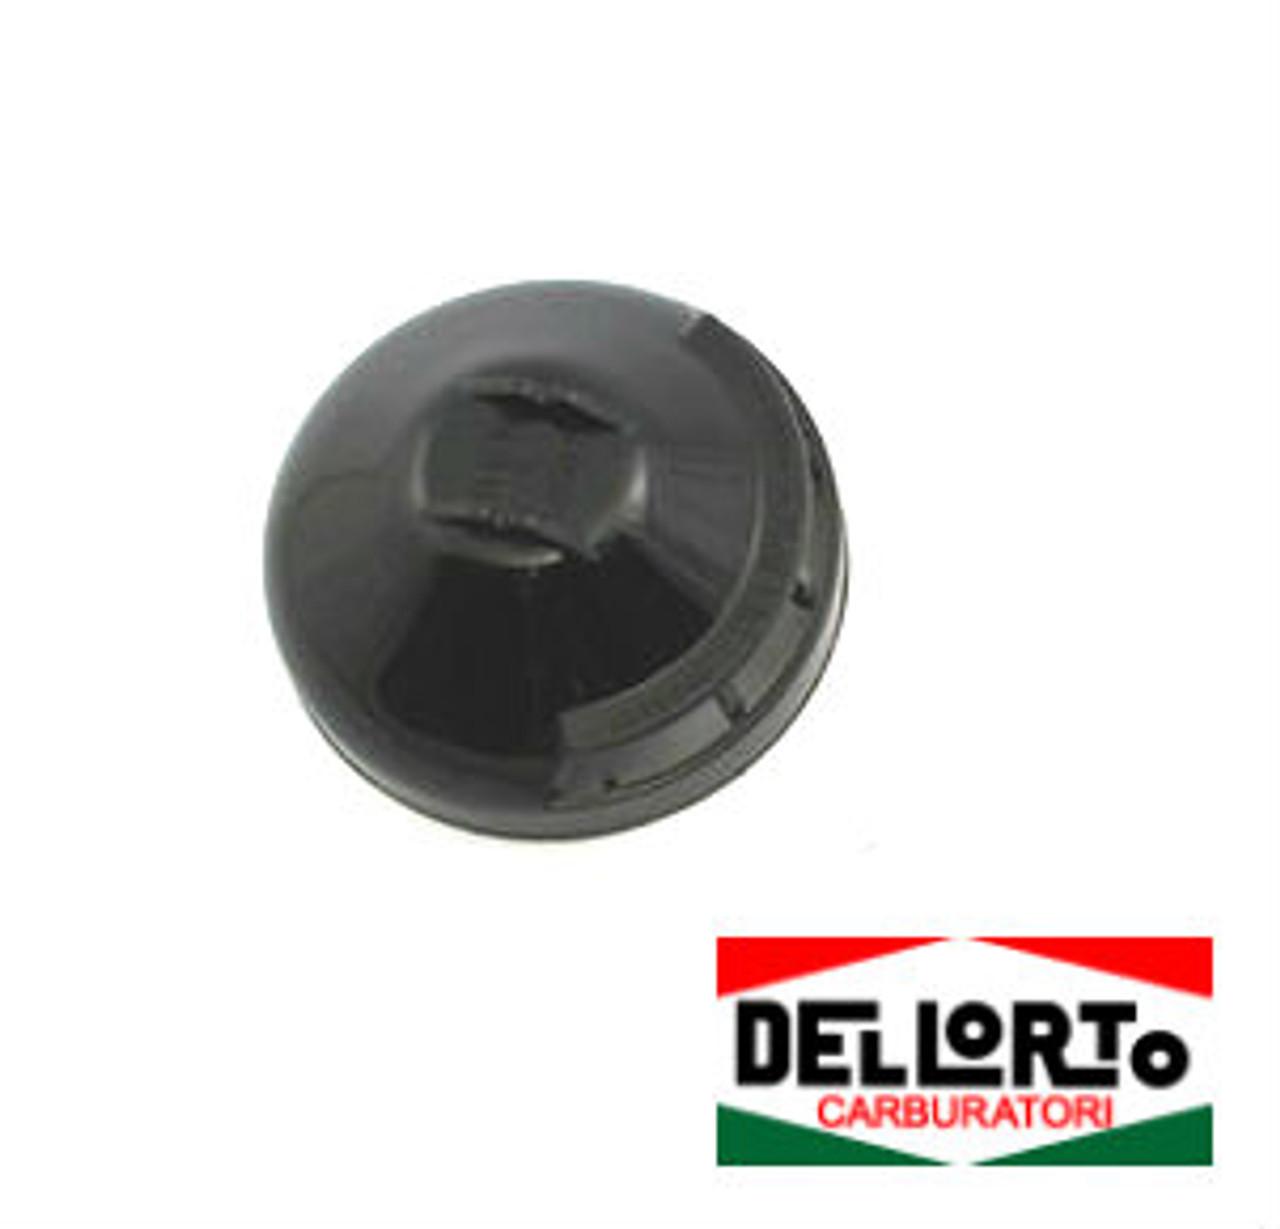 Dellorto SHA 14-16mm Carburetor Air Filter Cover 6183